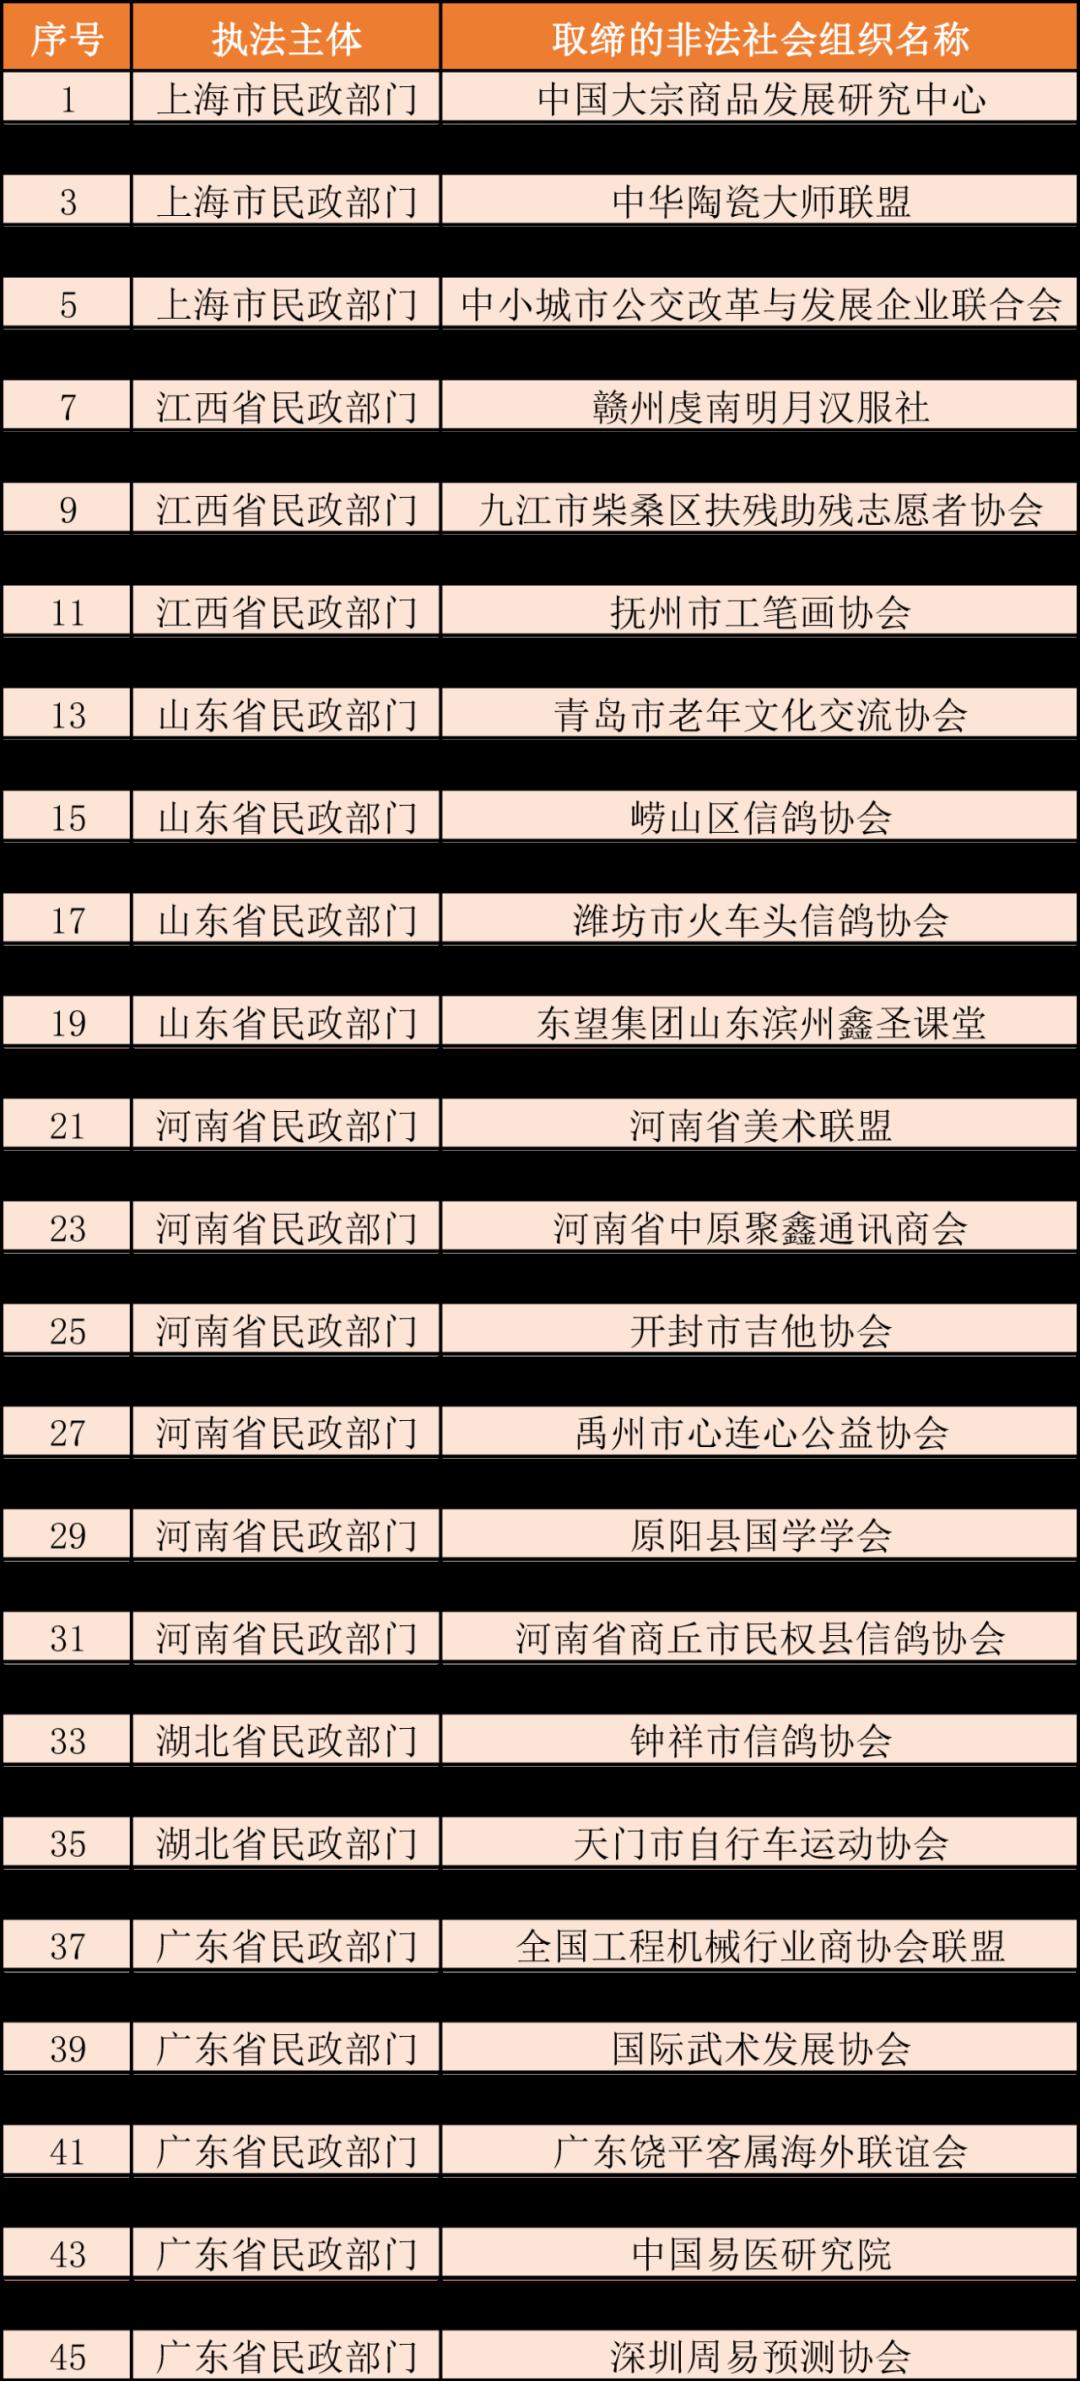 地方民政部門依法取締的部分非法社會組織名單 (第六批)